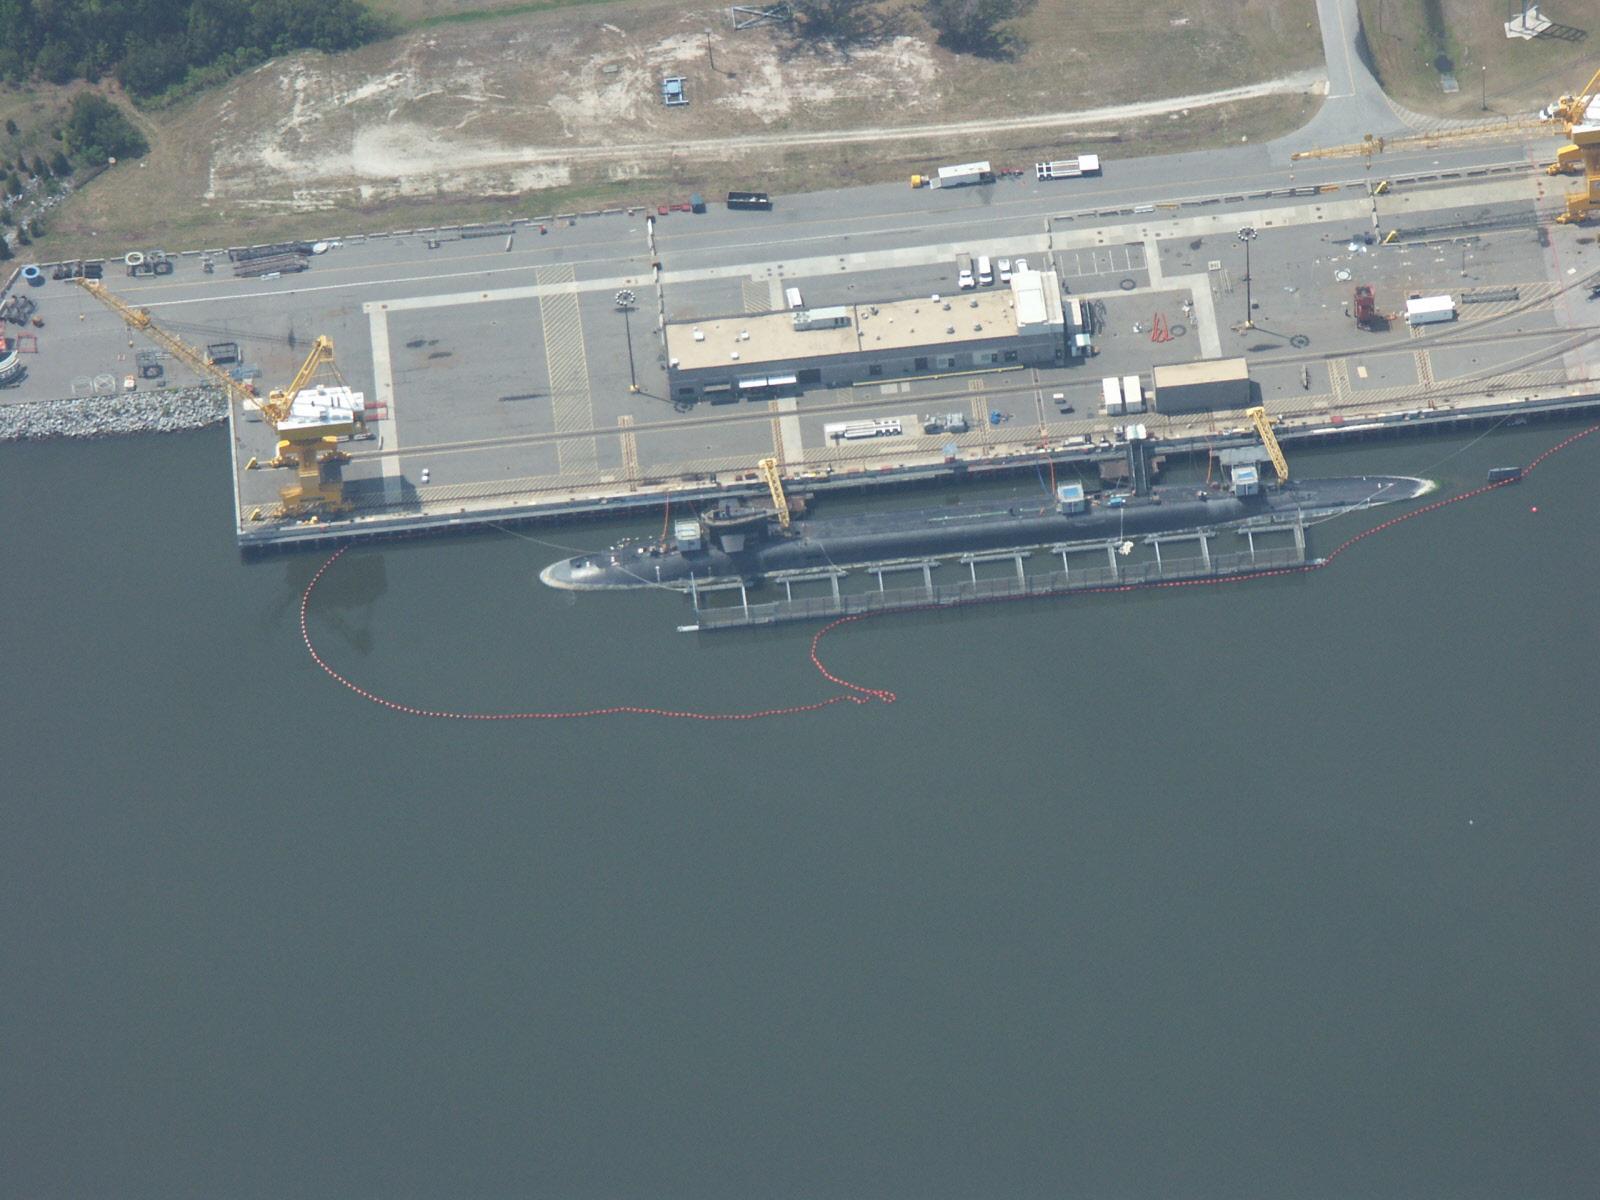 Charleston Naval Base >> King's Bay Submarine Base